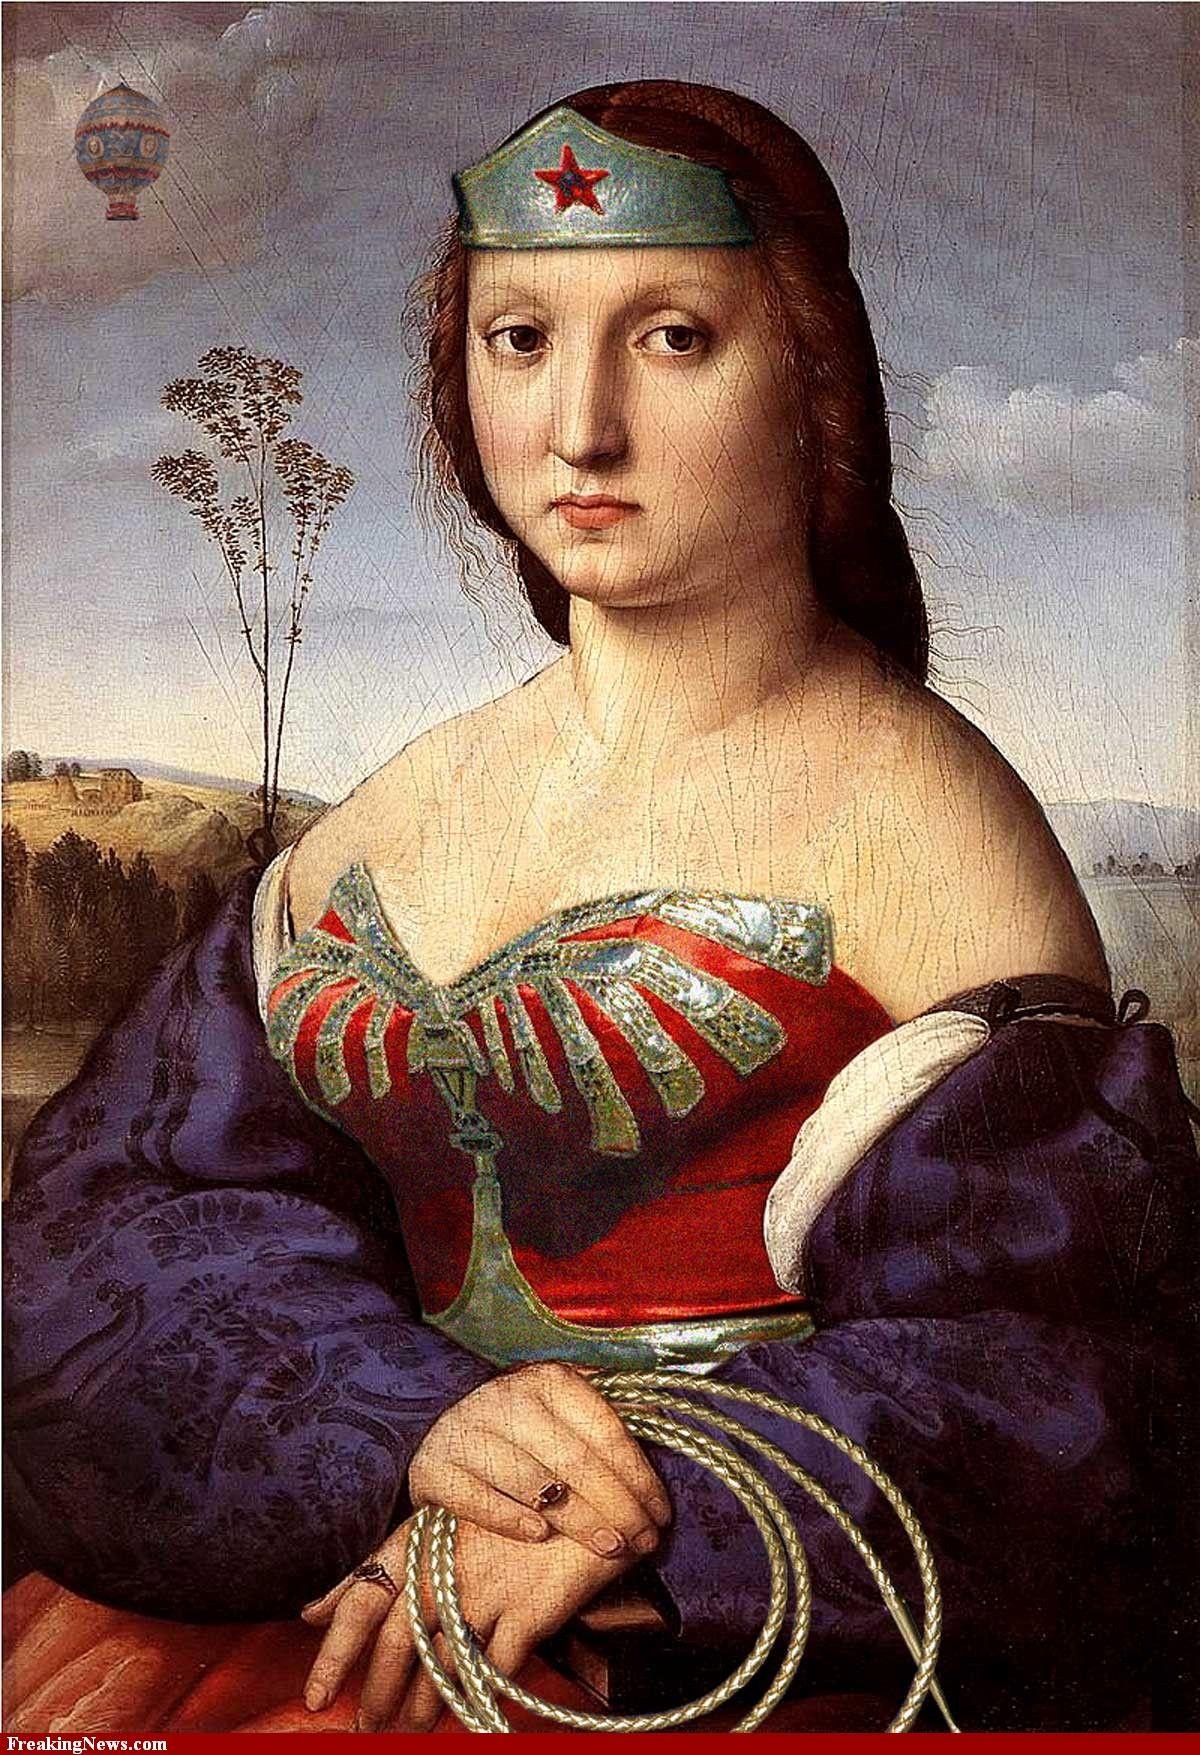 Wonder Woman as Raphael's Renaissance Woman ) La